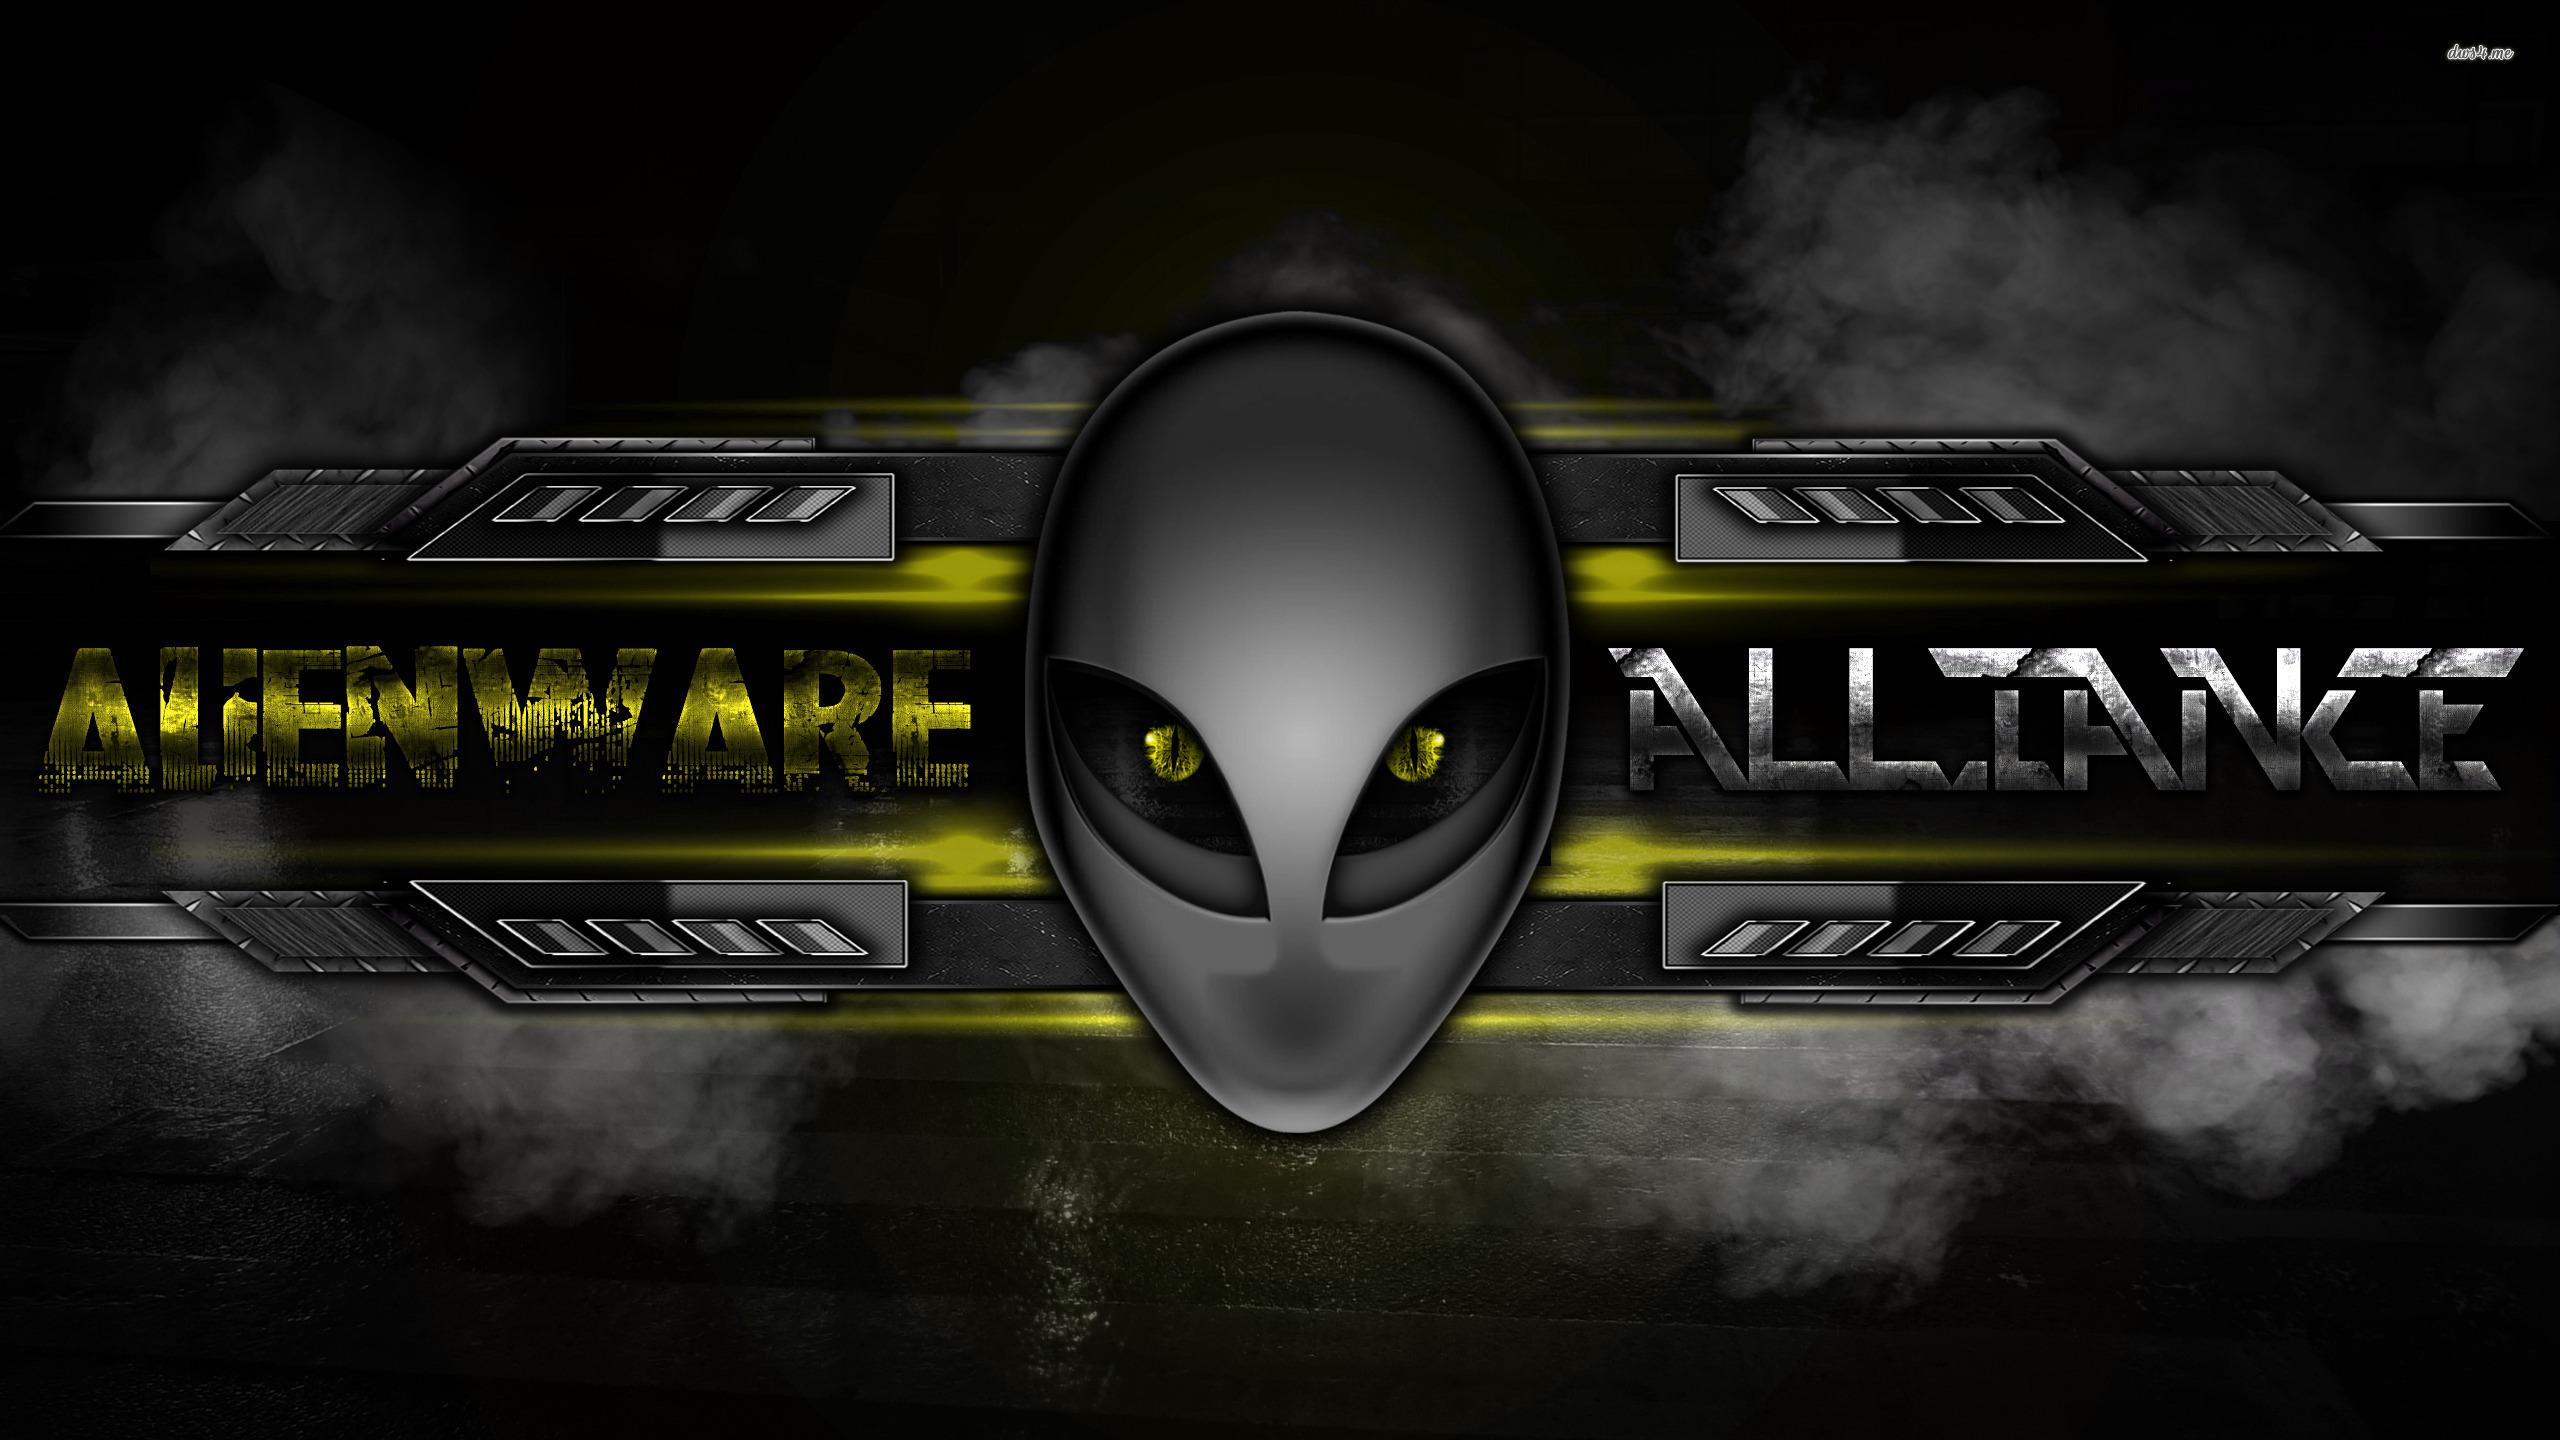 Alienware Wallpaper 2560 X 1440 - WallpaperSafari